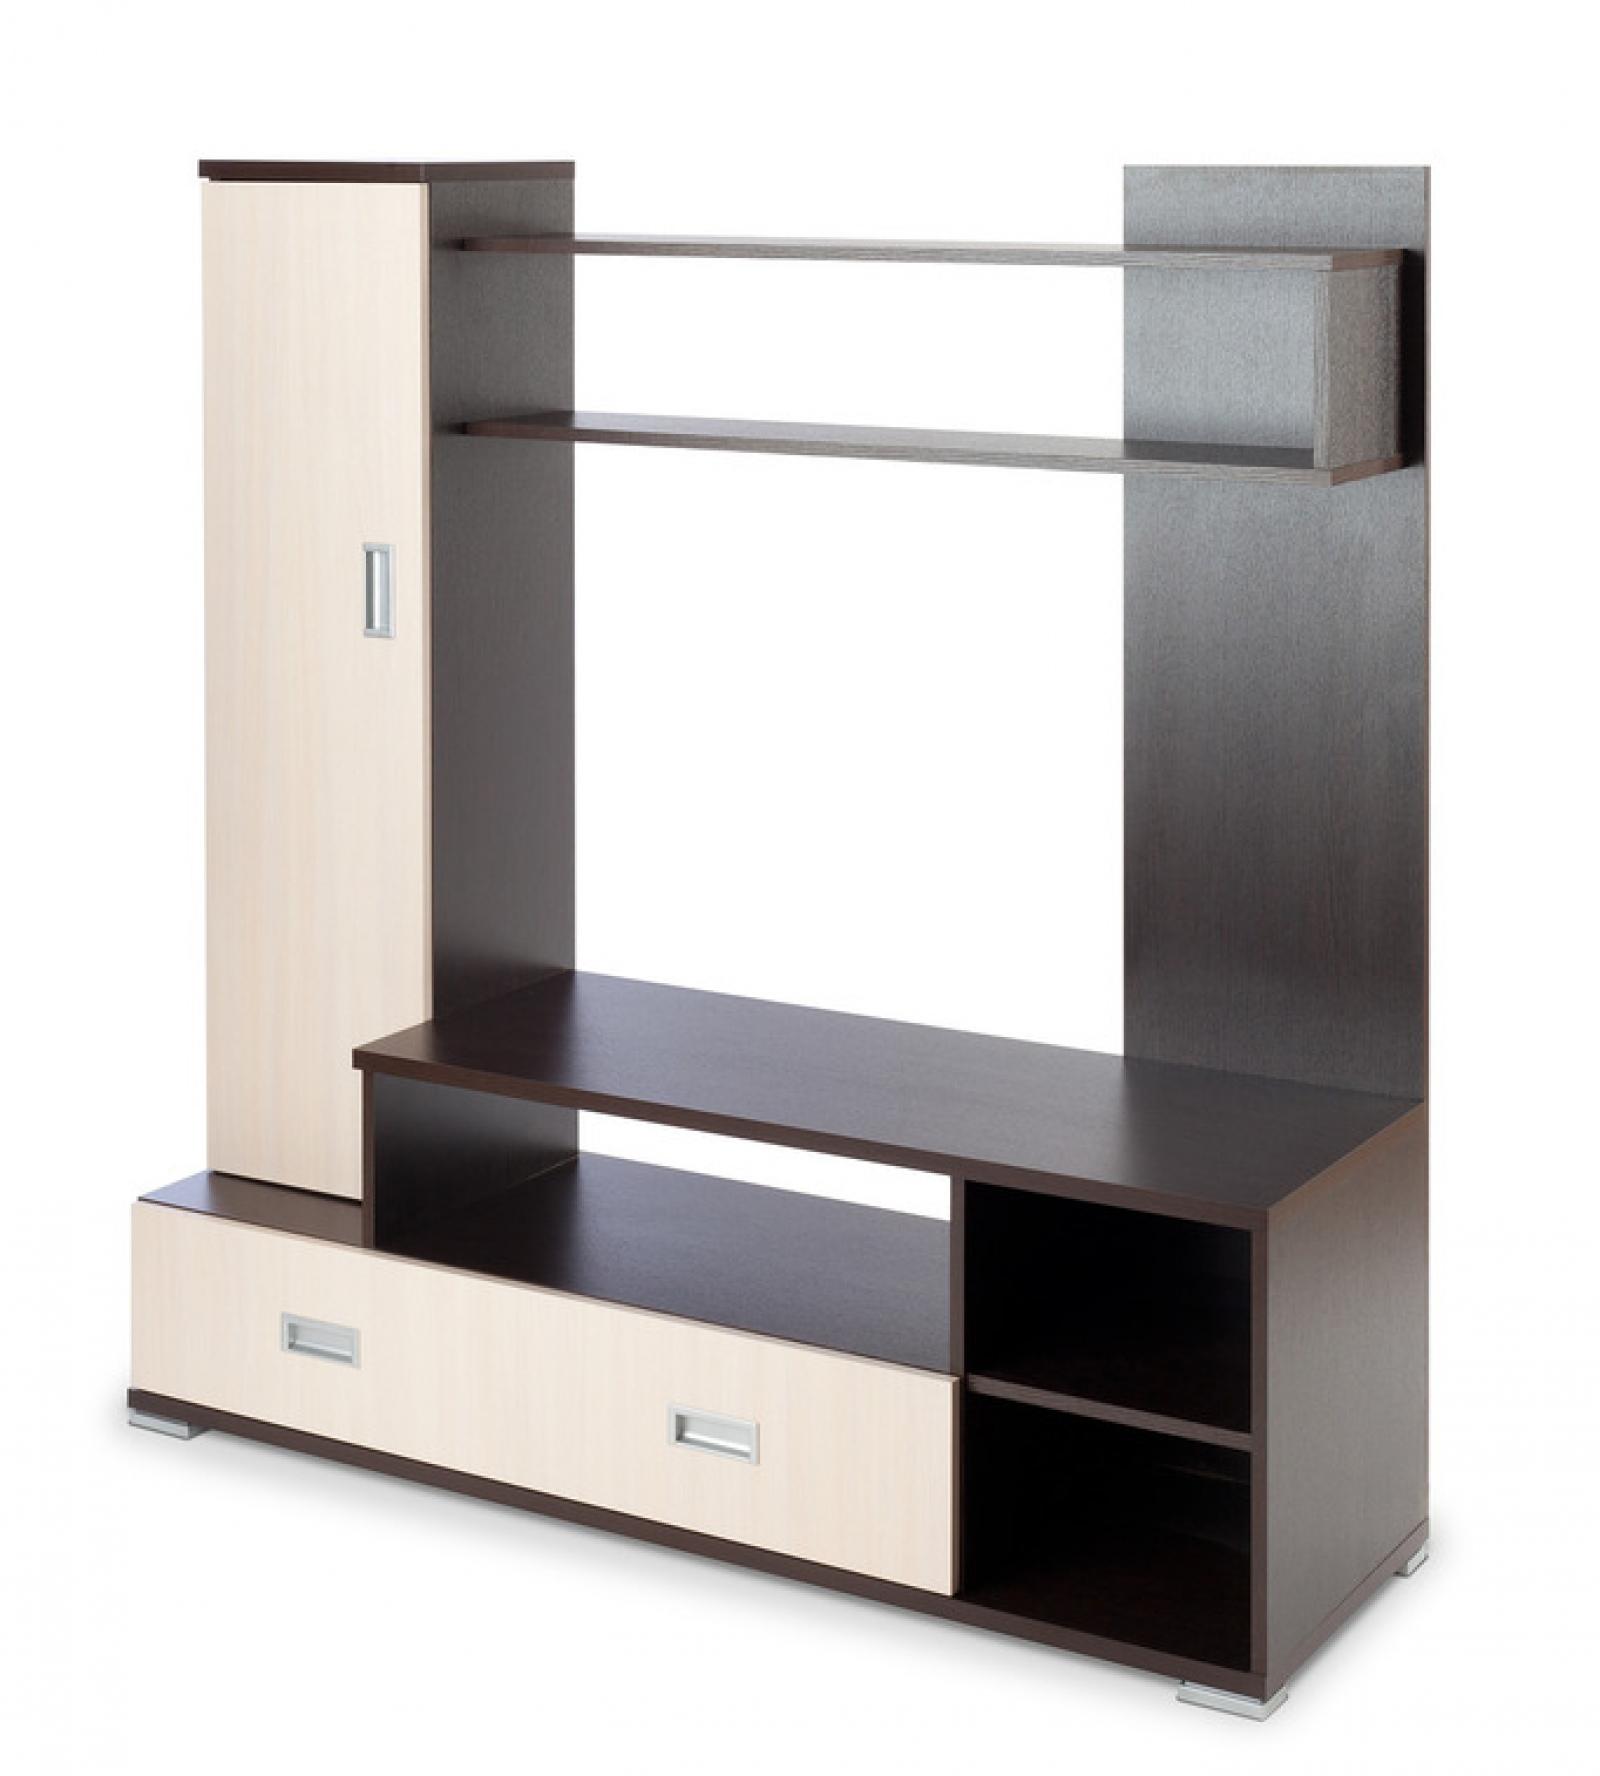 Мебель для гостинной РИО-3 венге/беленый дуб - 1